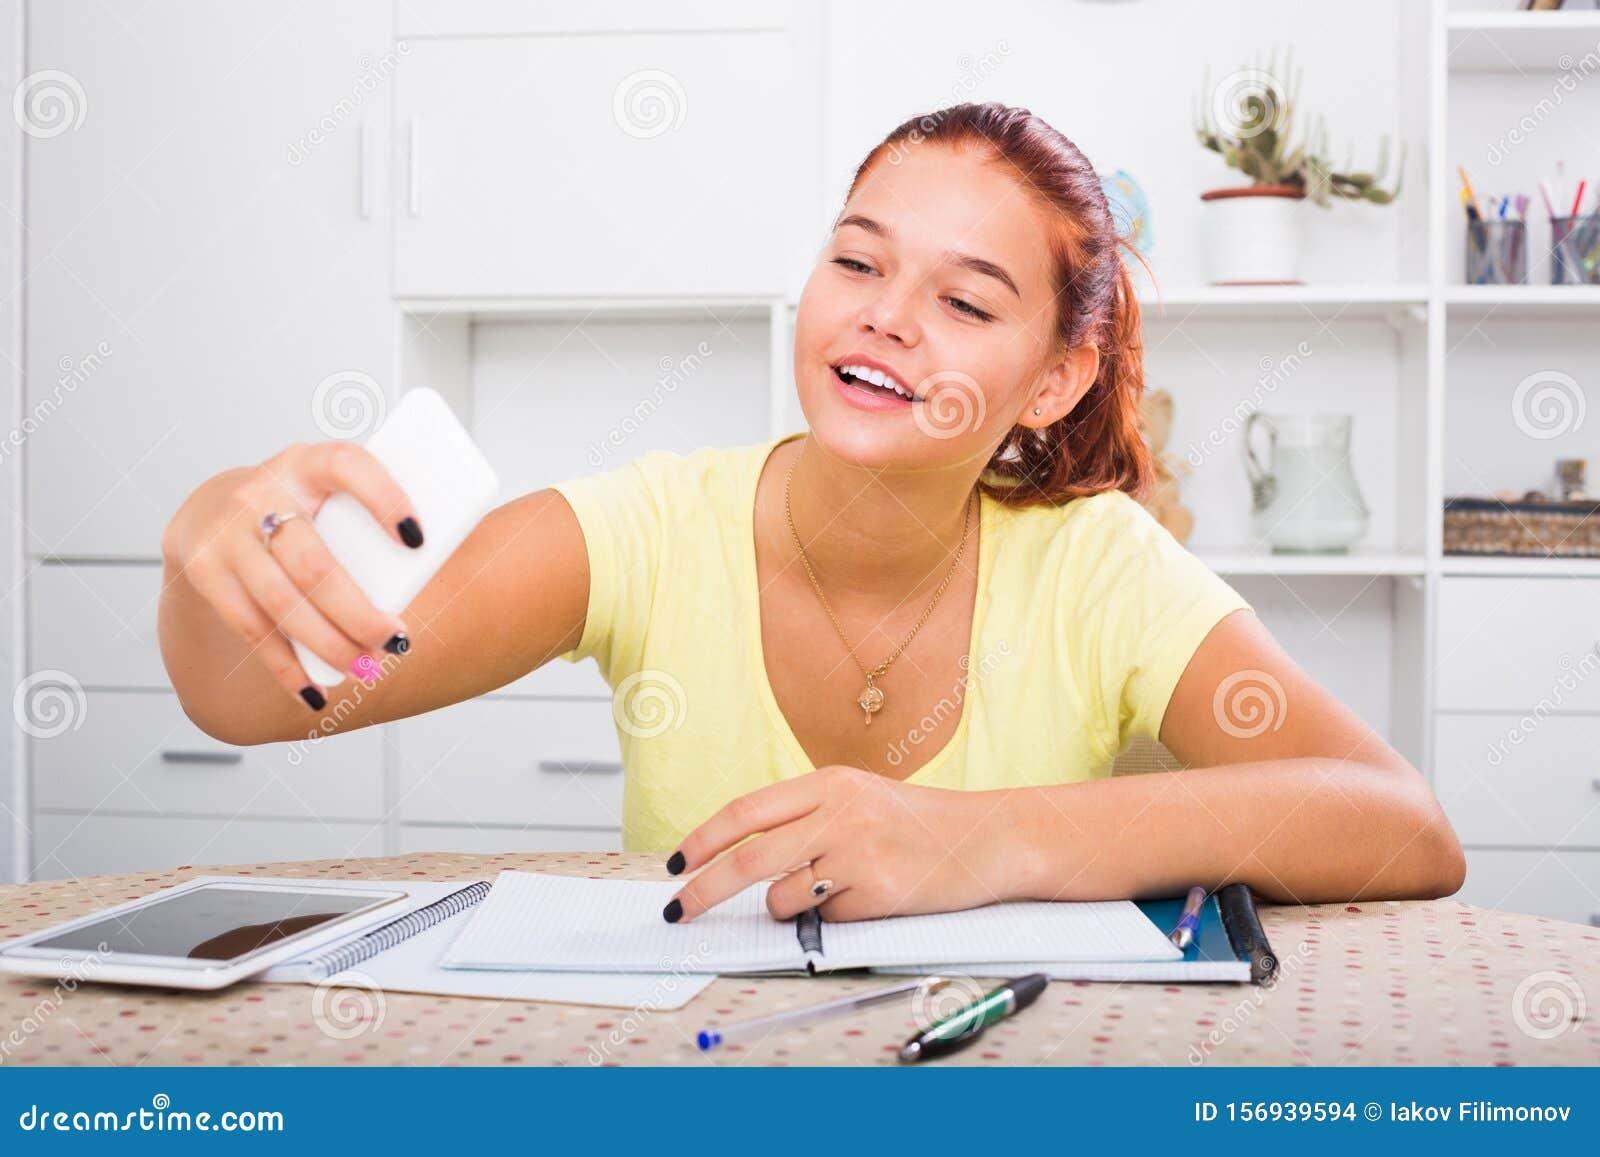 Девушка на работе за столом селфи работа девушке моделью холмск